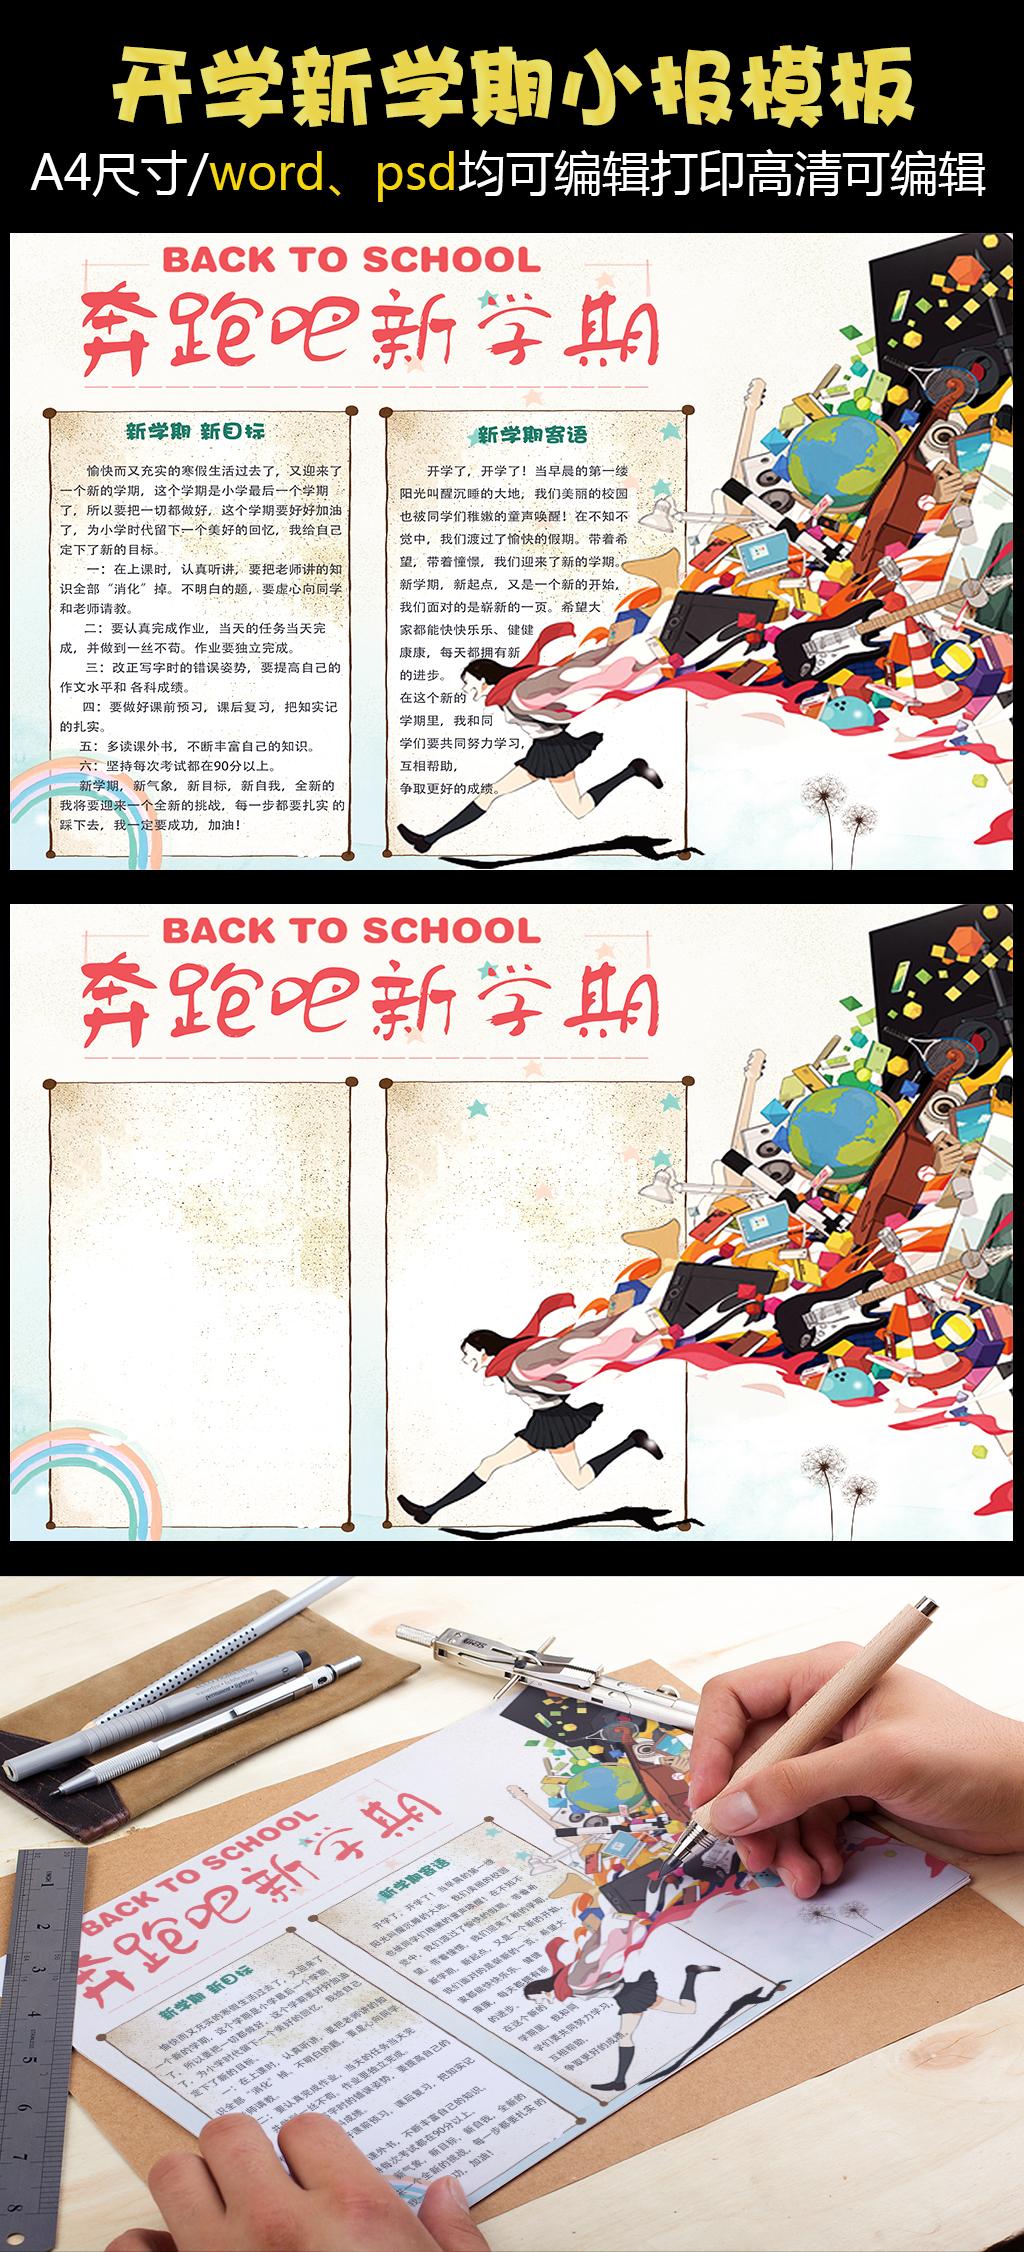 卡通手绘新学期开学电子小报手抄报模板